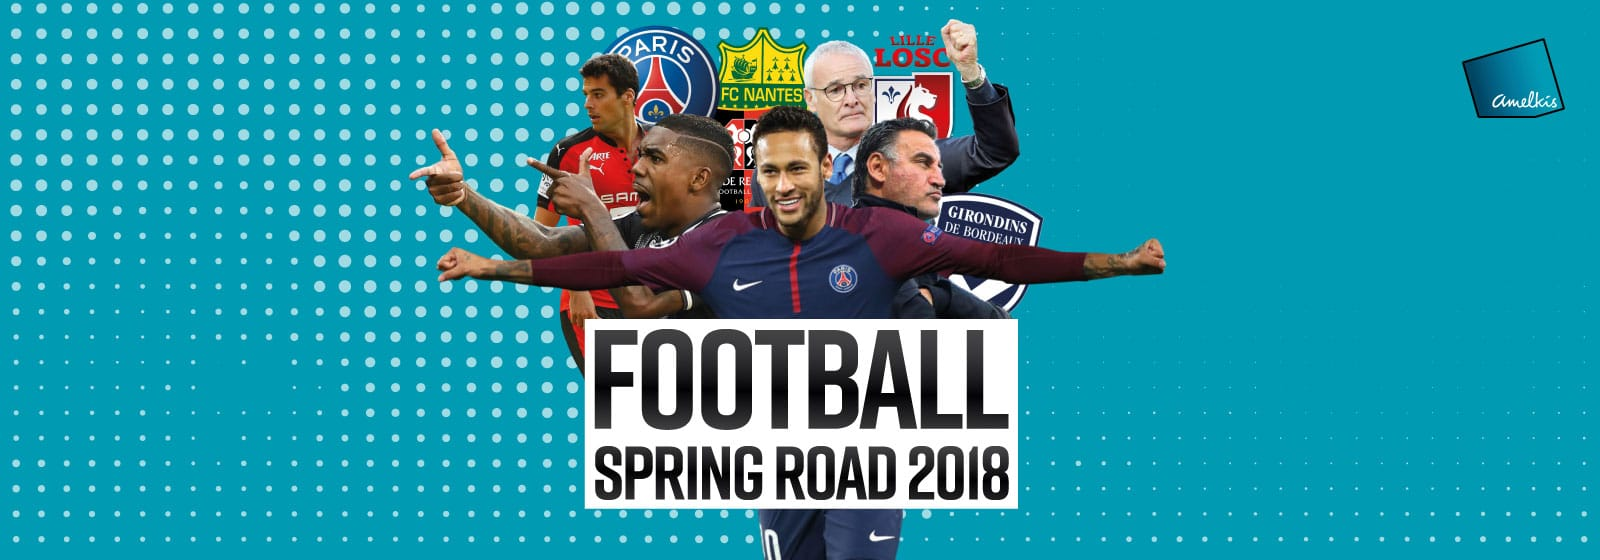 Football Spring Road 2018